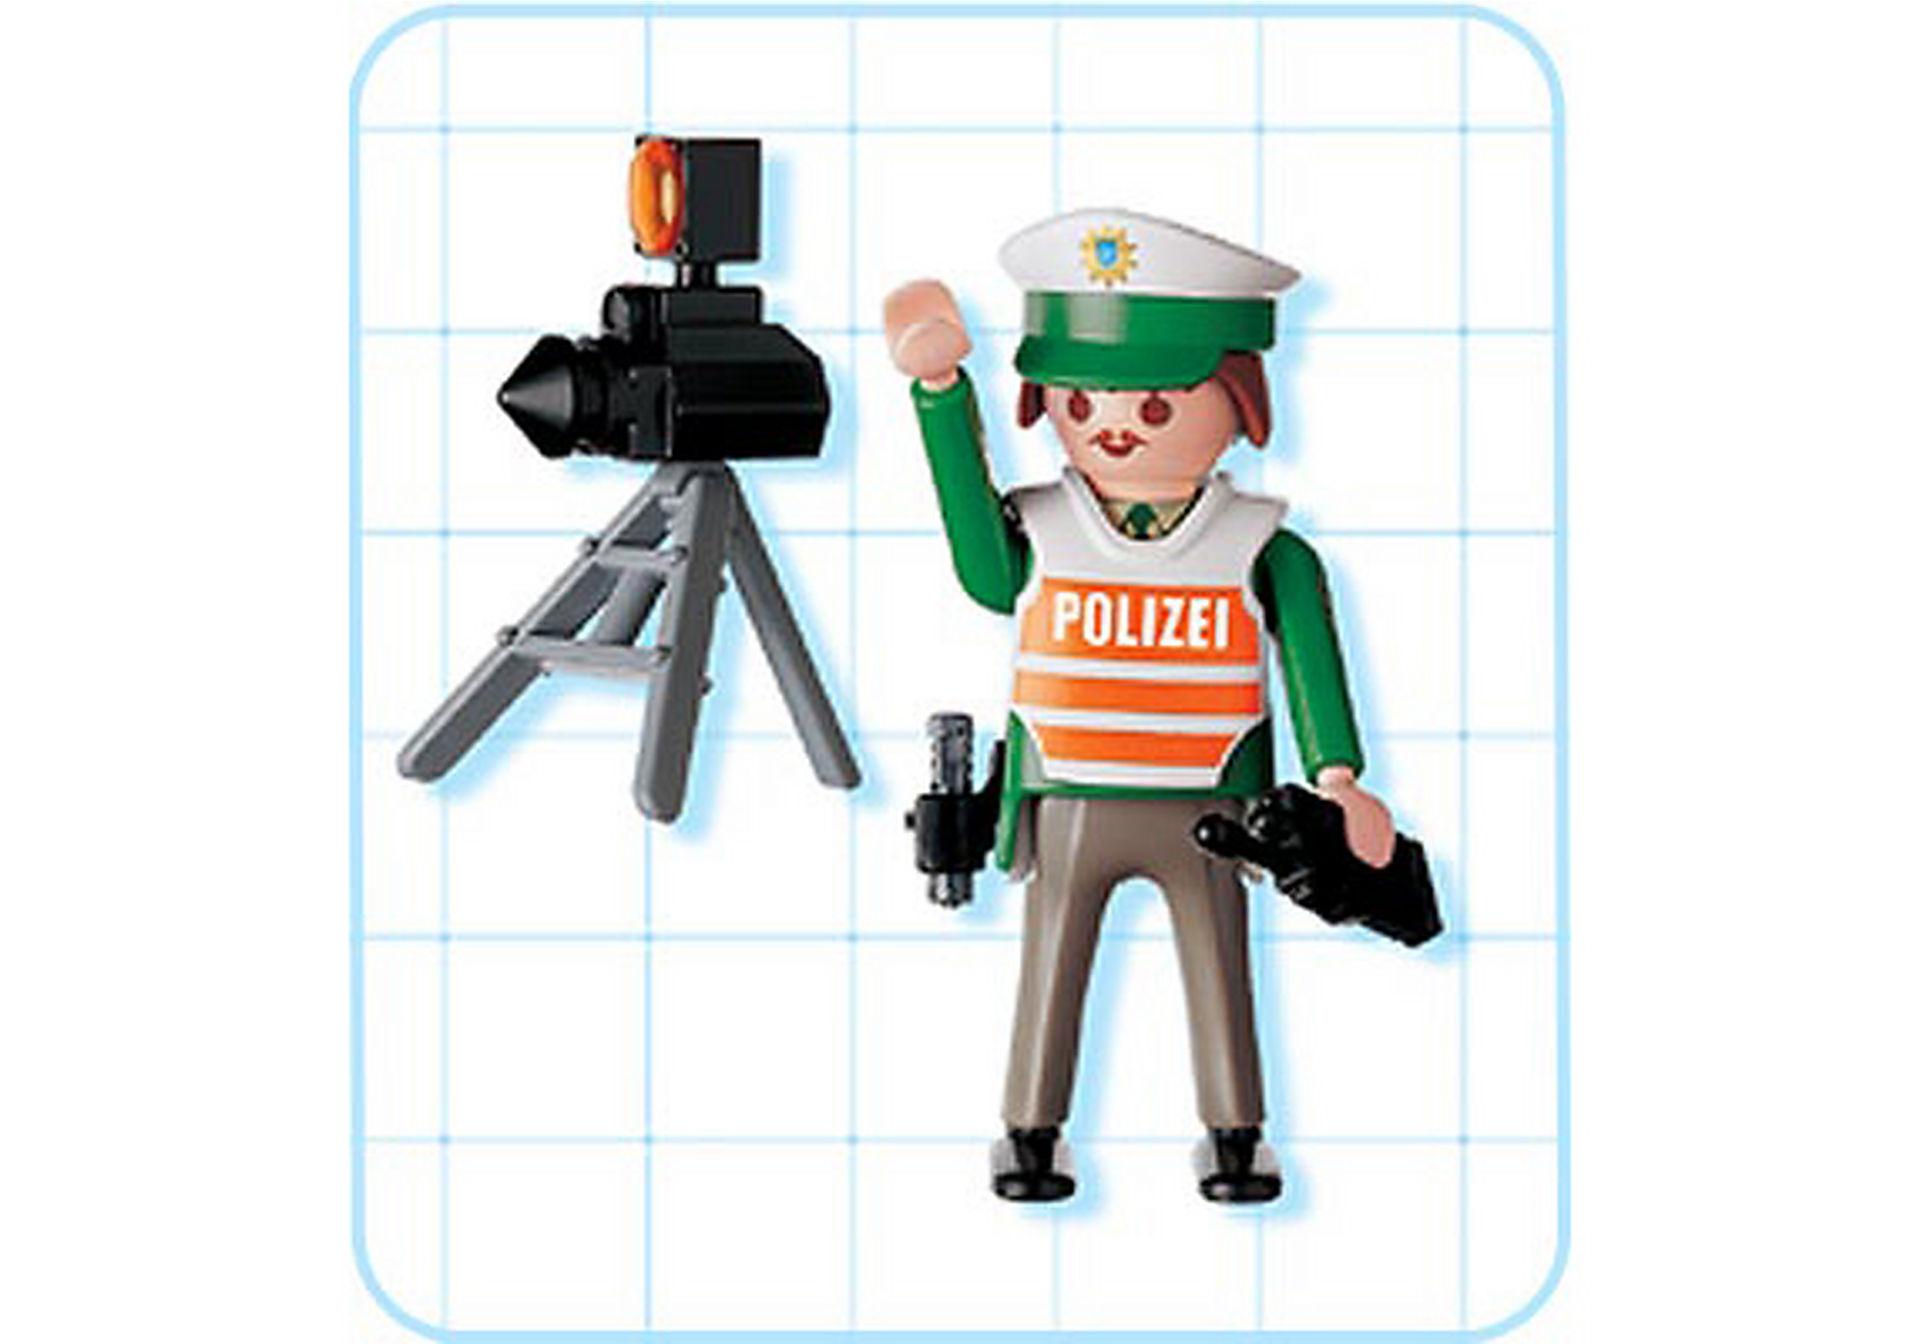 4609-A Policier/radar zoom image2